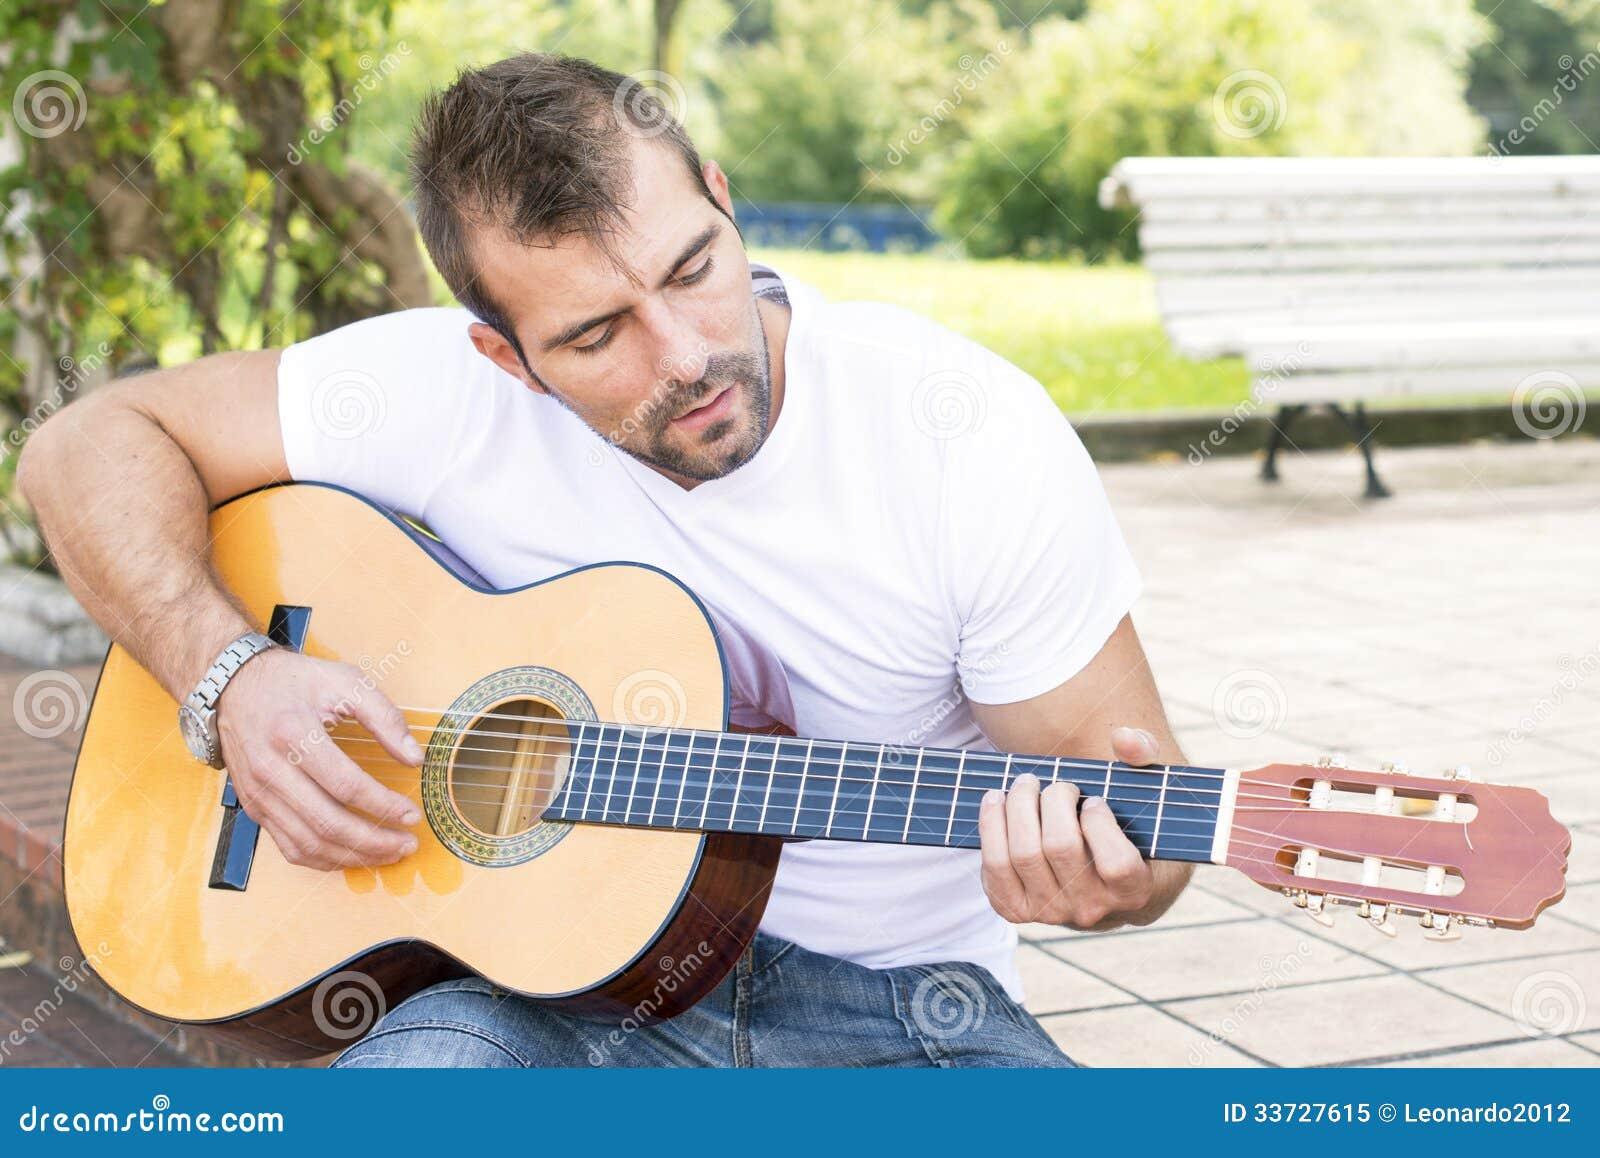 Musiker mit klassischer Gitarre.